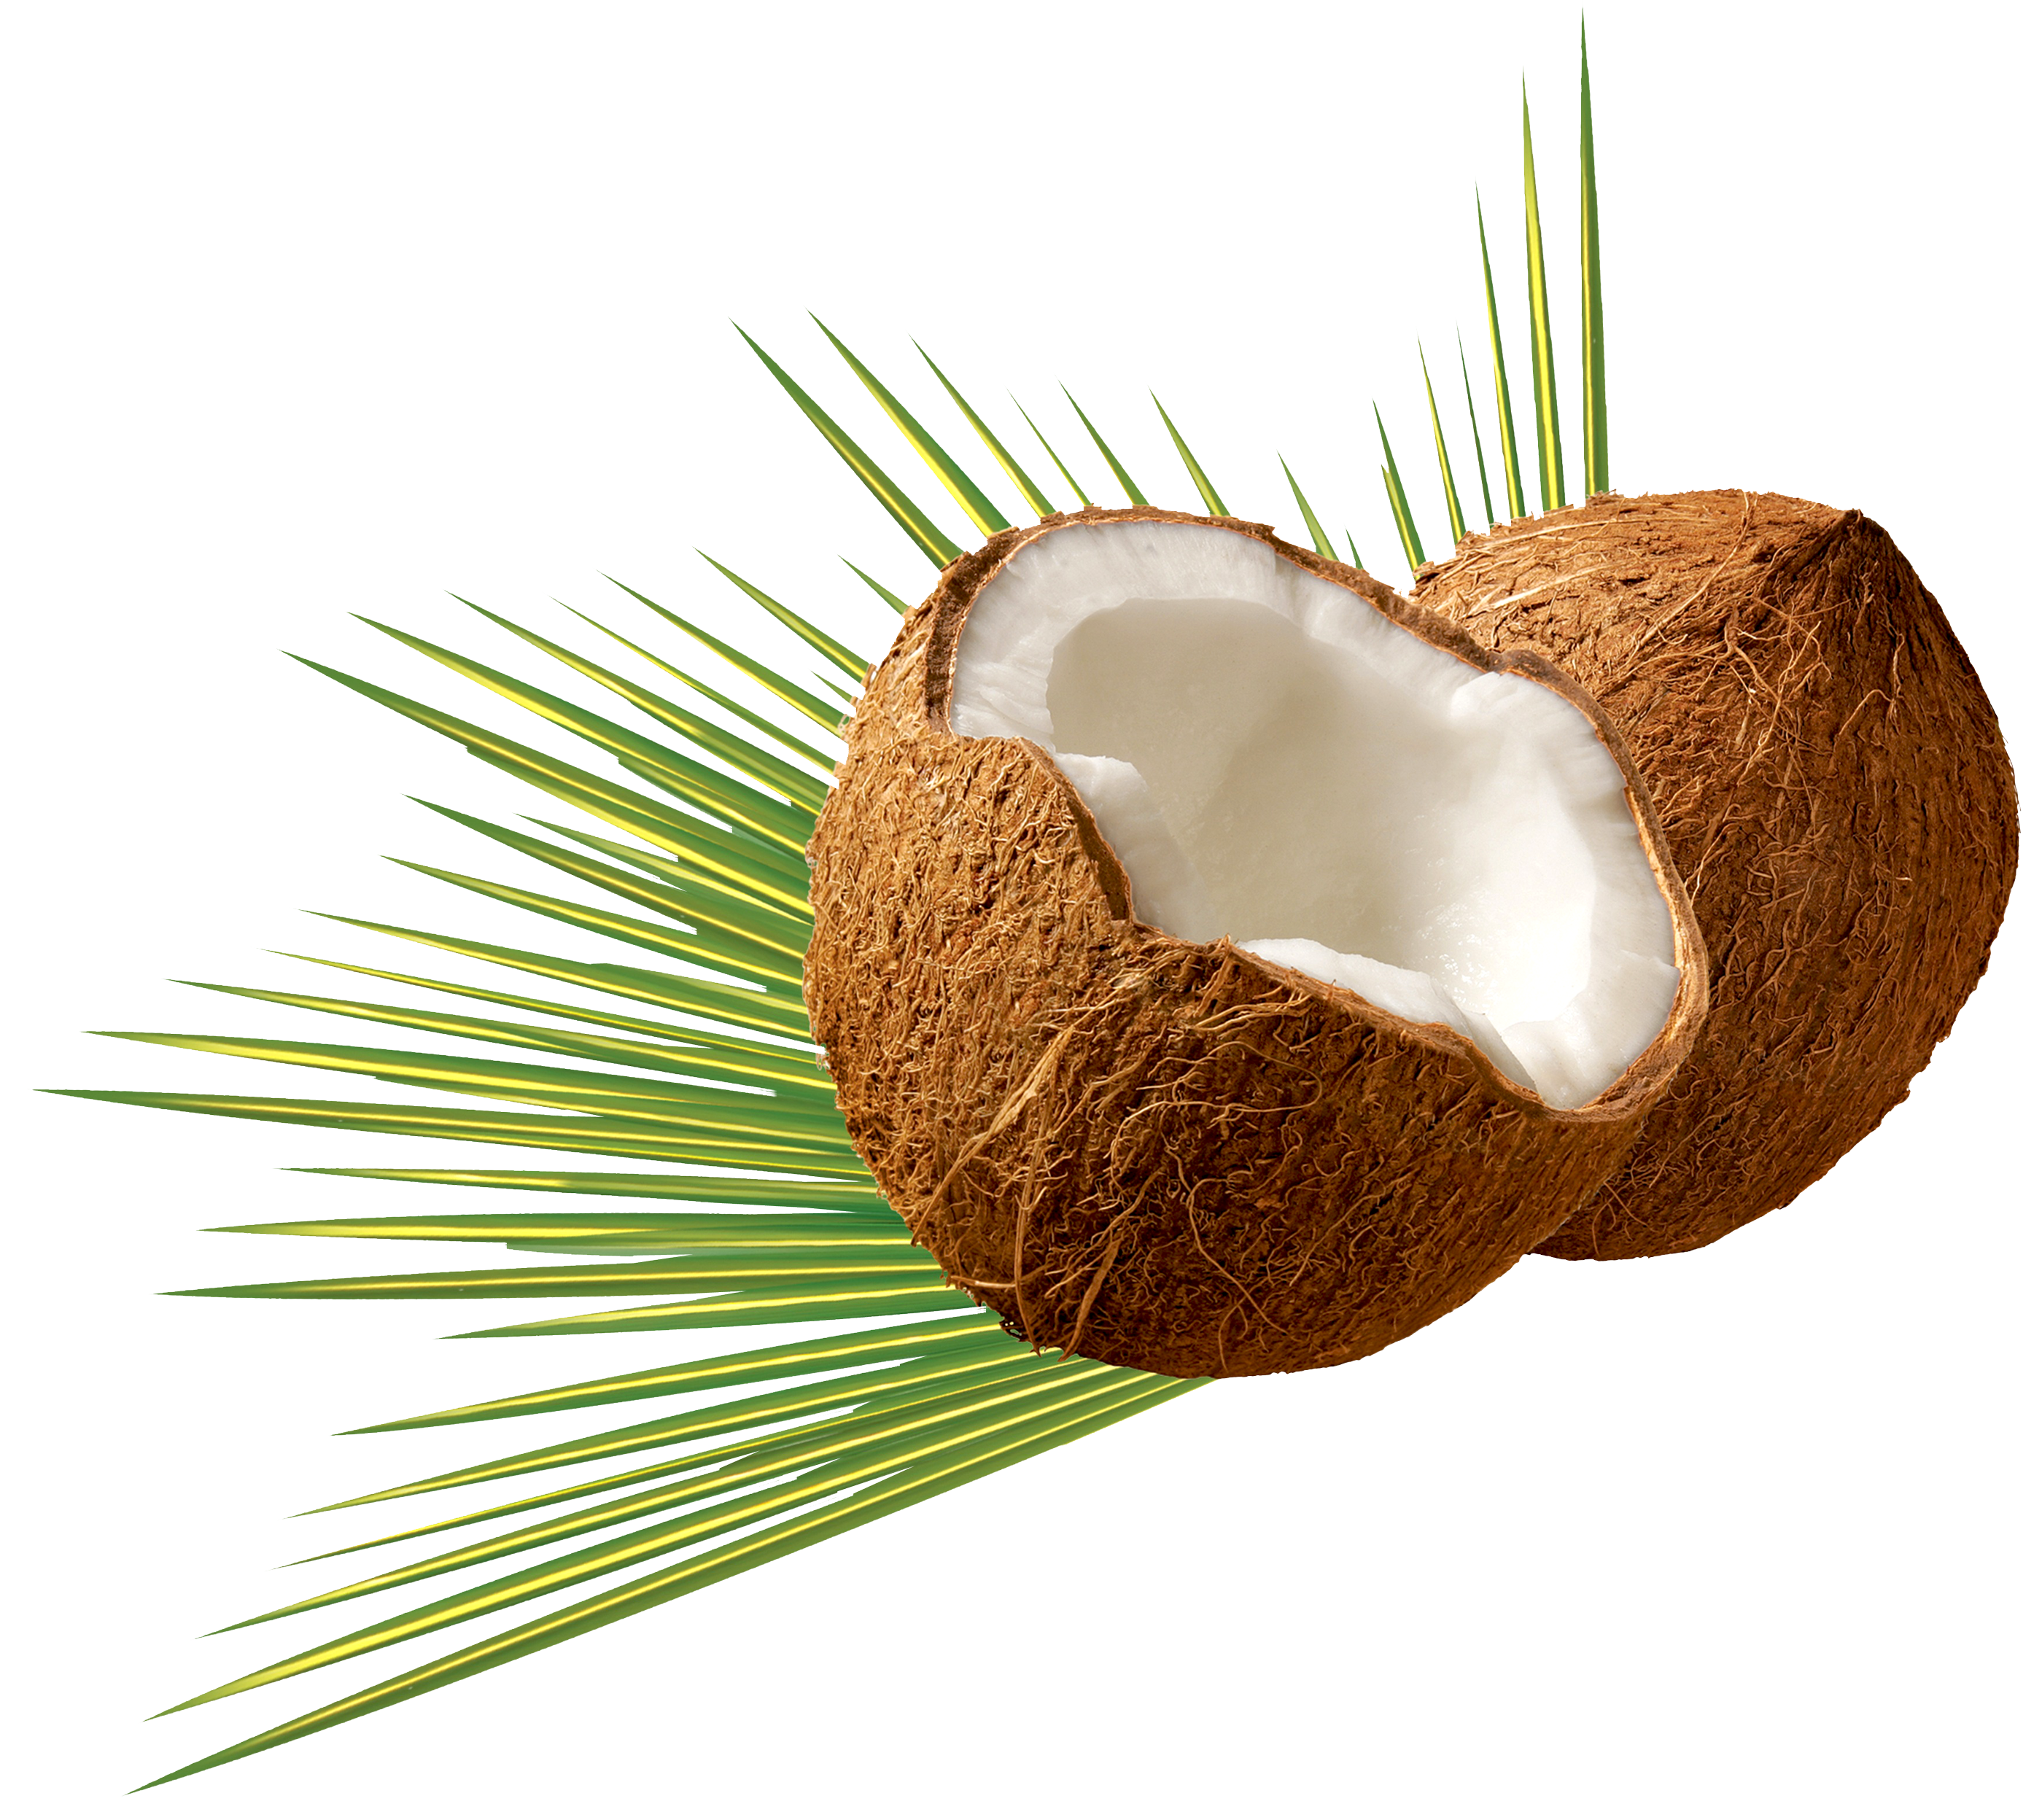 Png image pngpix . Coconut clipart coconut bunch